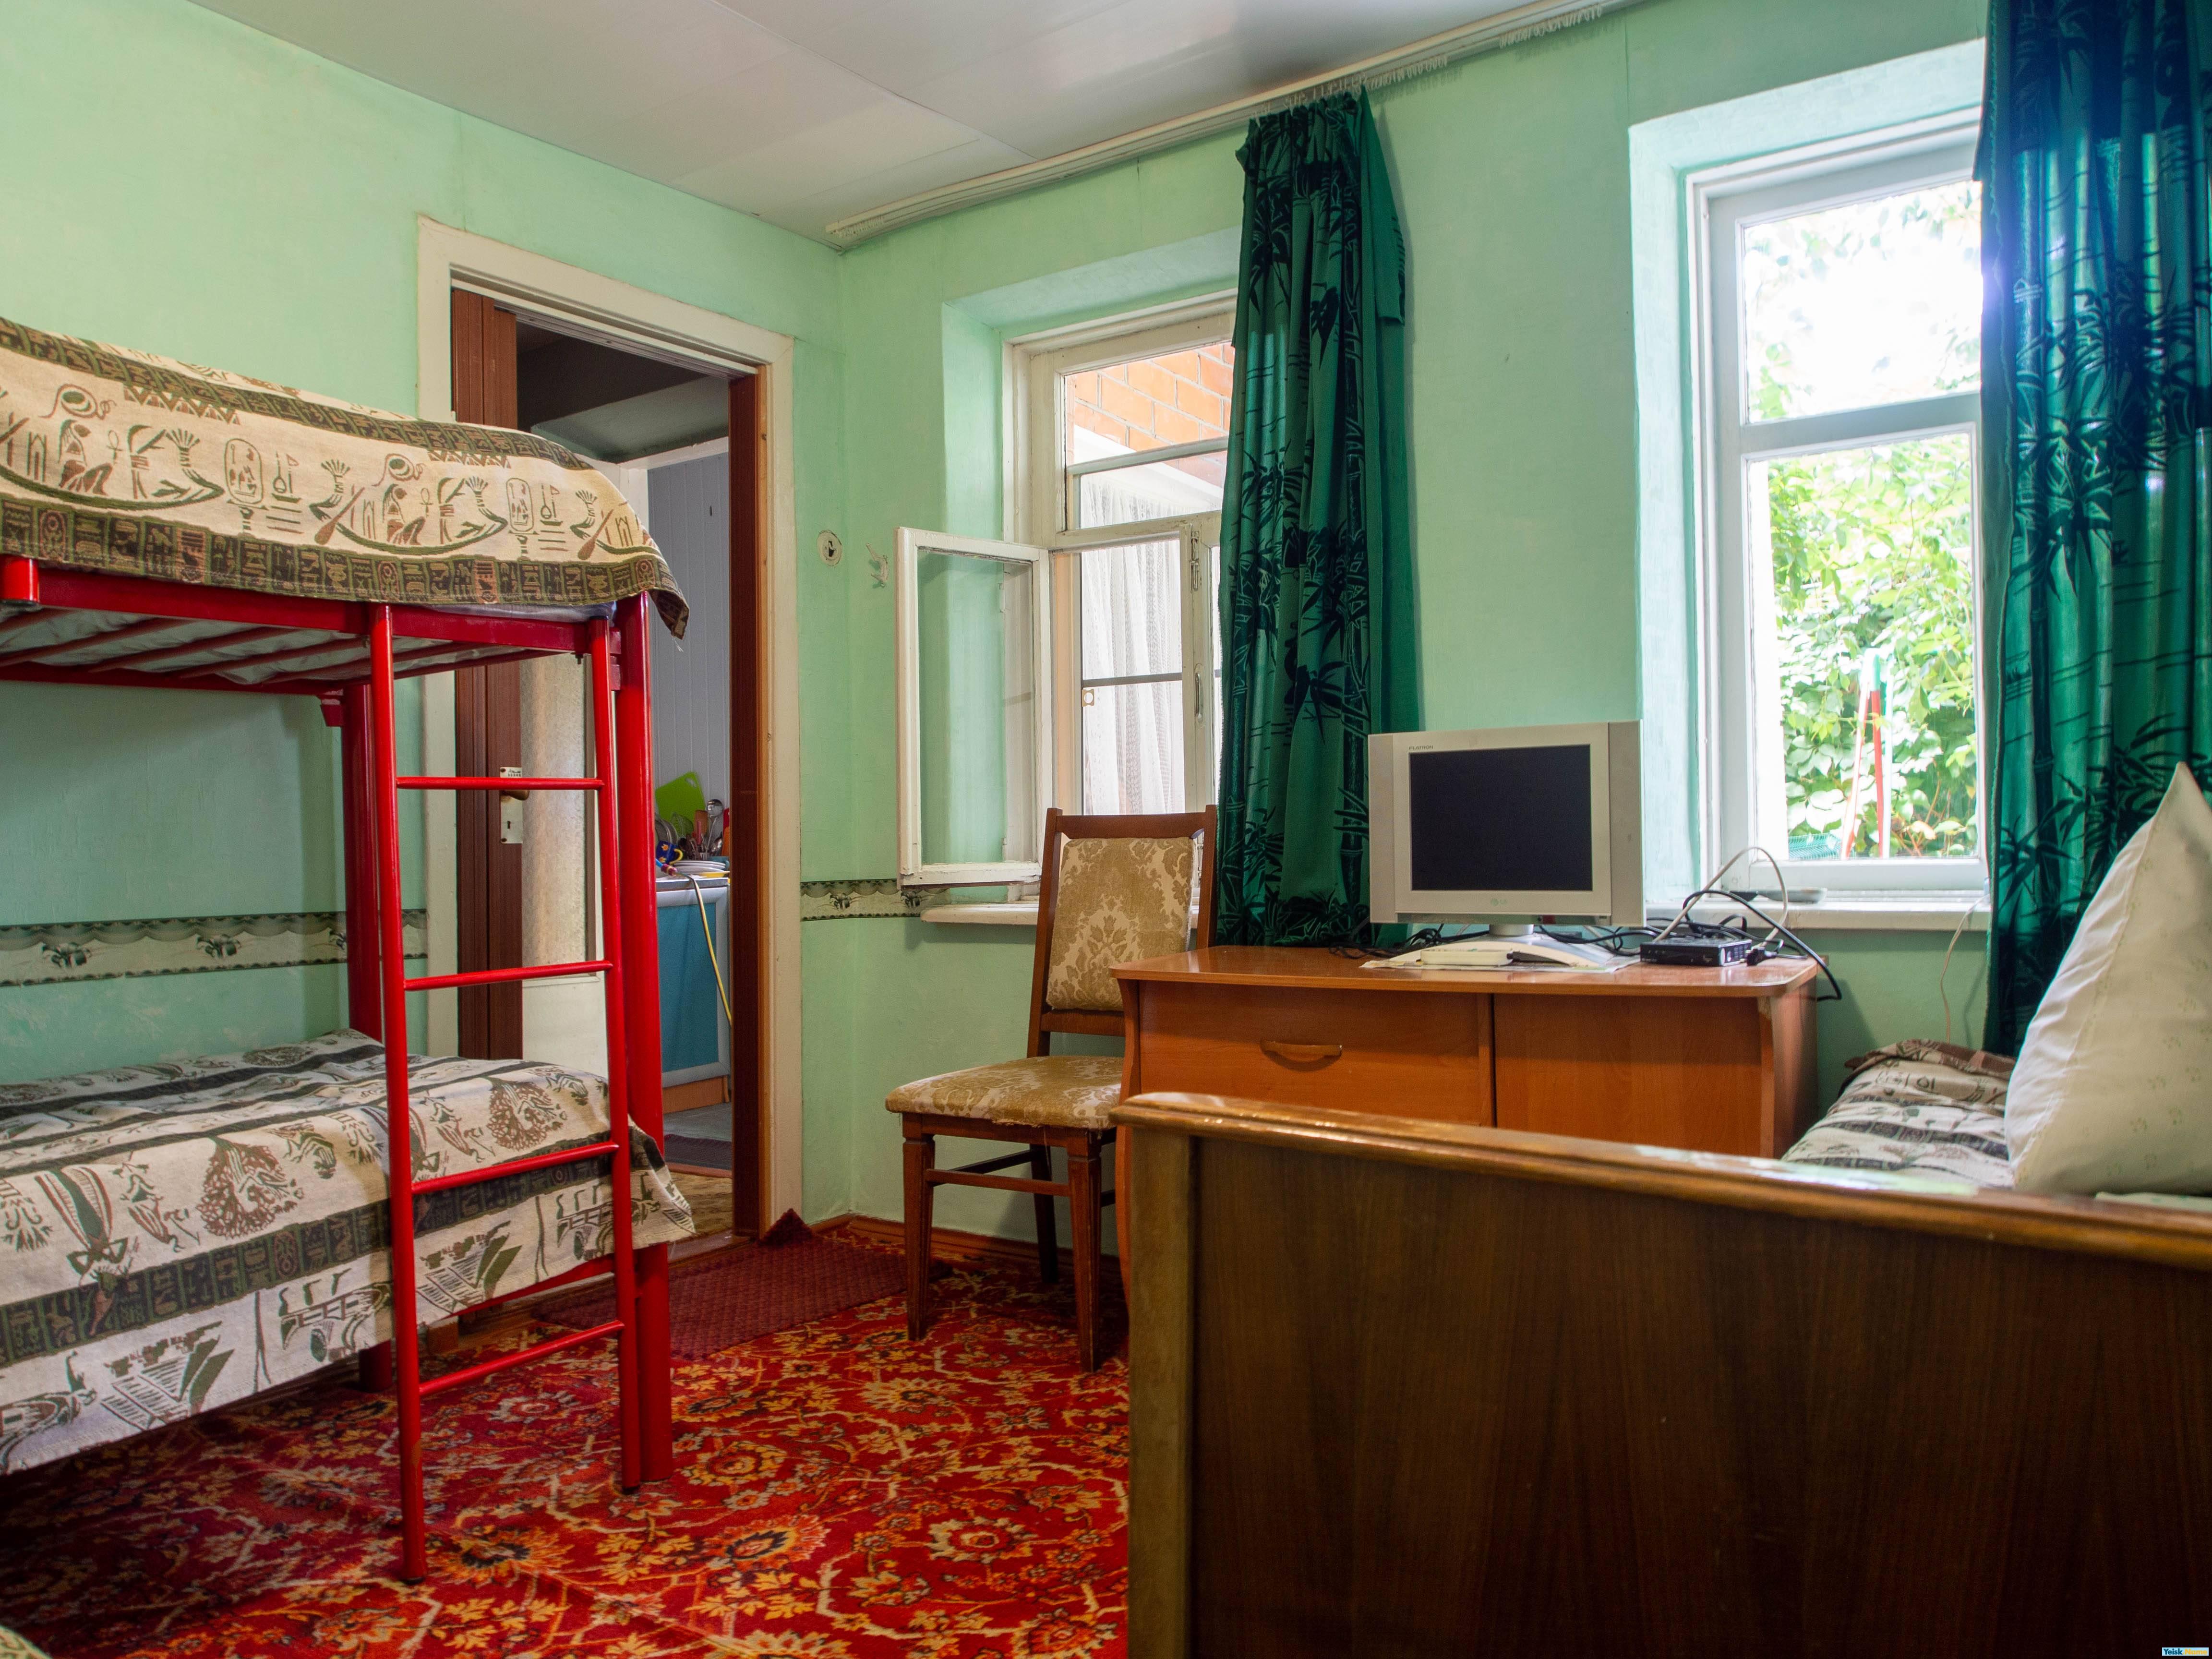 Домик из двух комнат на ул.Октябрьская